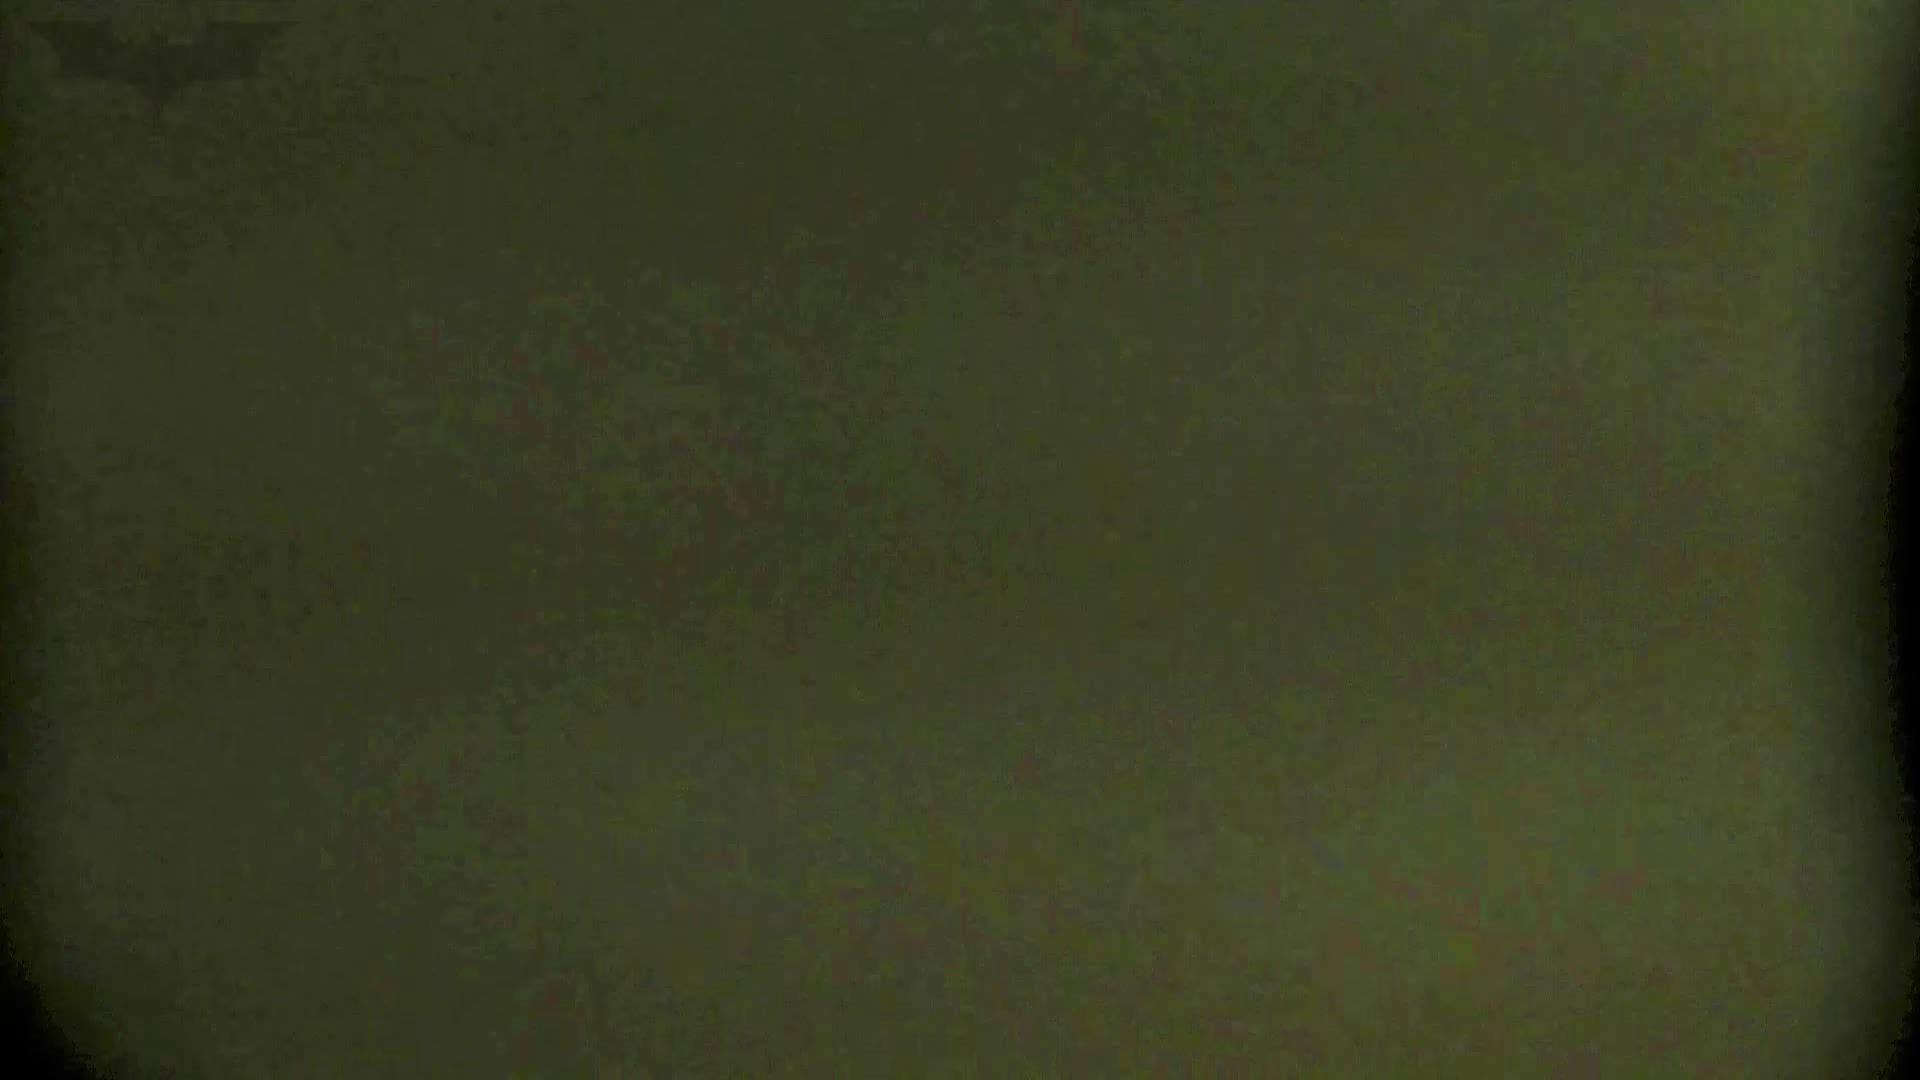 洗面所特攻隊 vol.73 ラスト3澄ました顔して、まさかの脱肛!! OLのボディ  101PIX 42